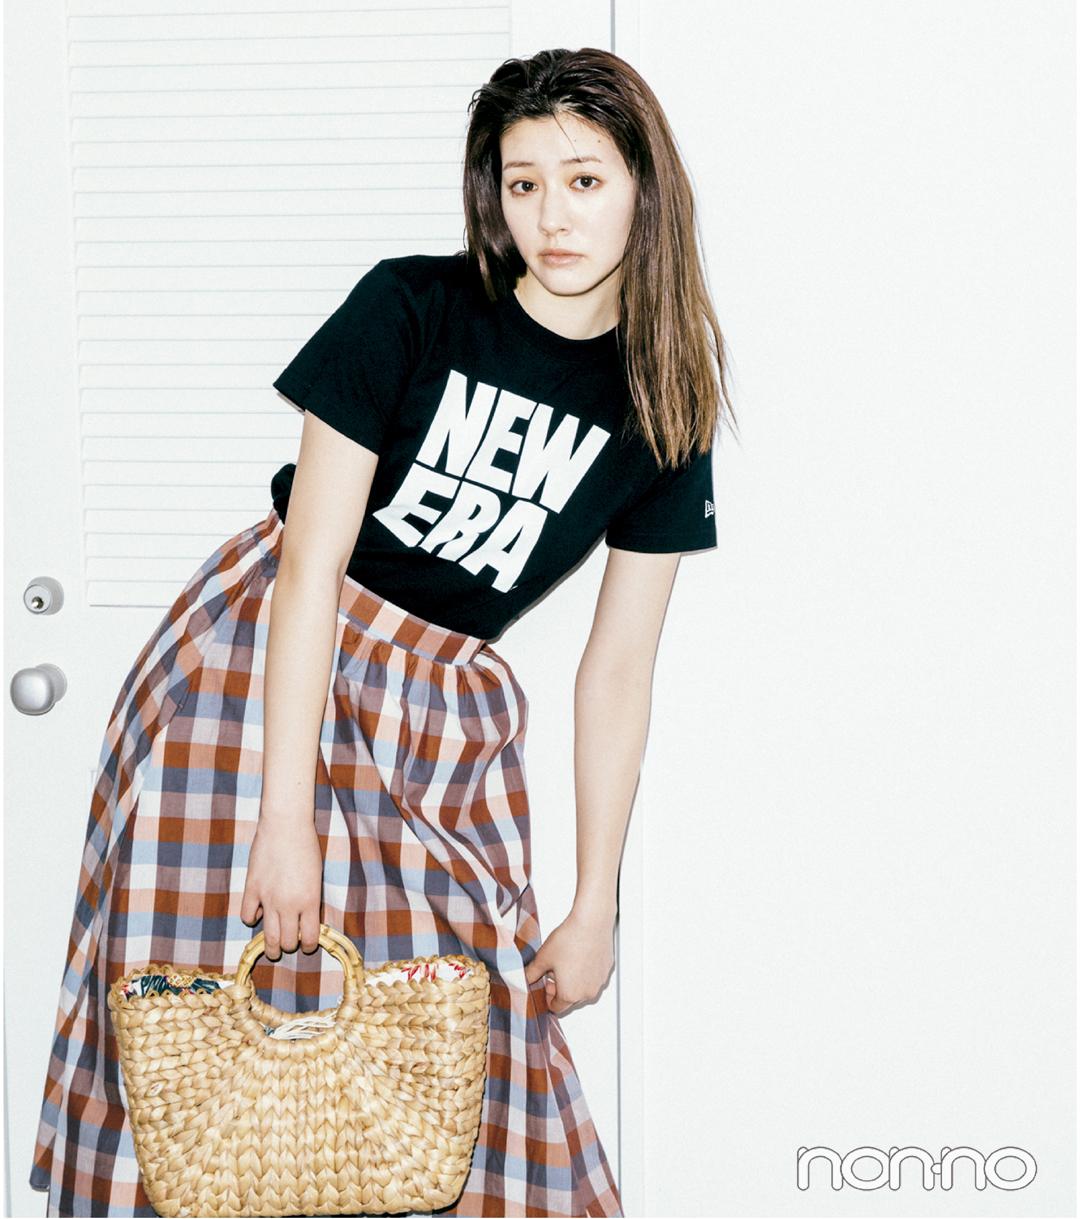 スポーツロゴTシャツ、ロングスカートと合わせるのがトレンド!_1_2-2